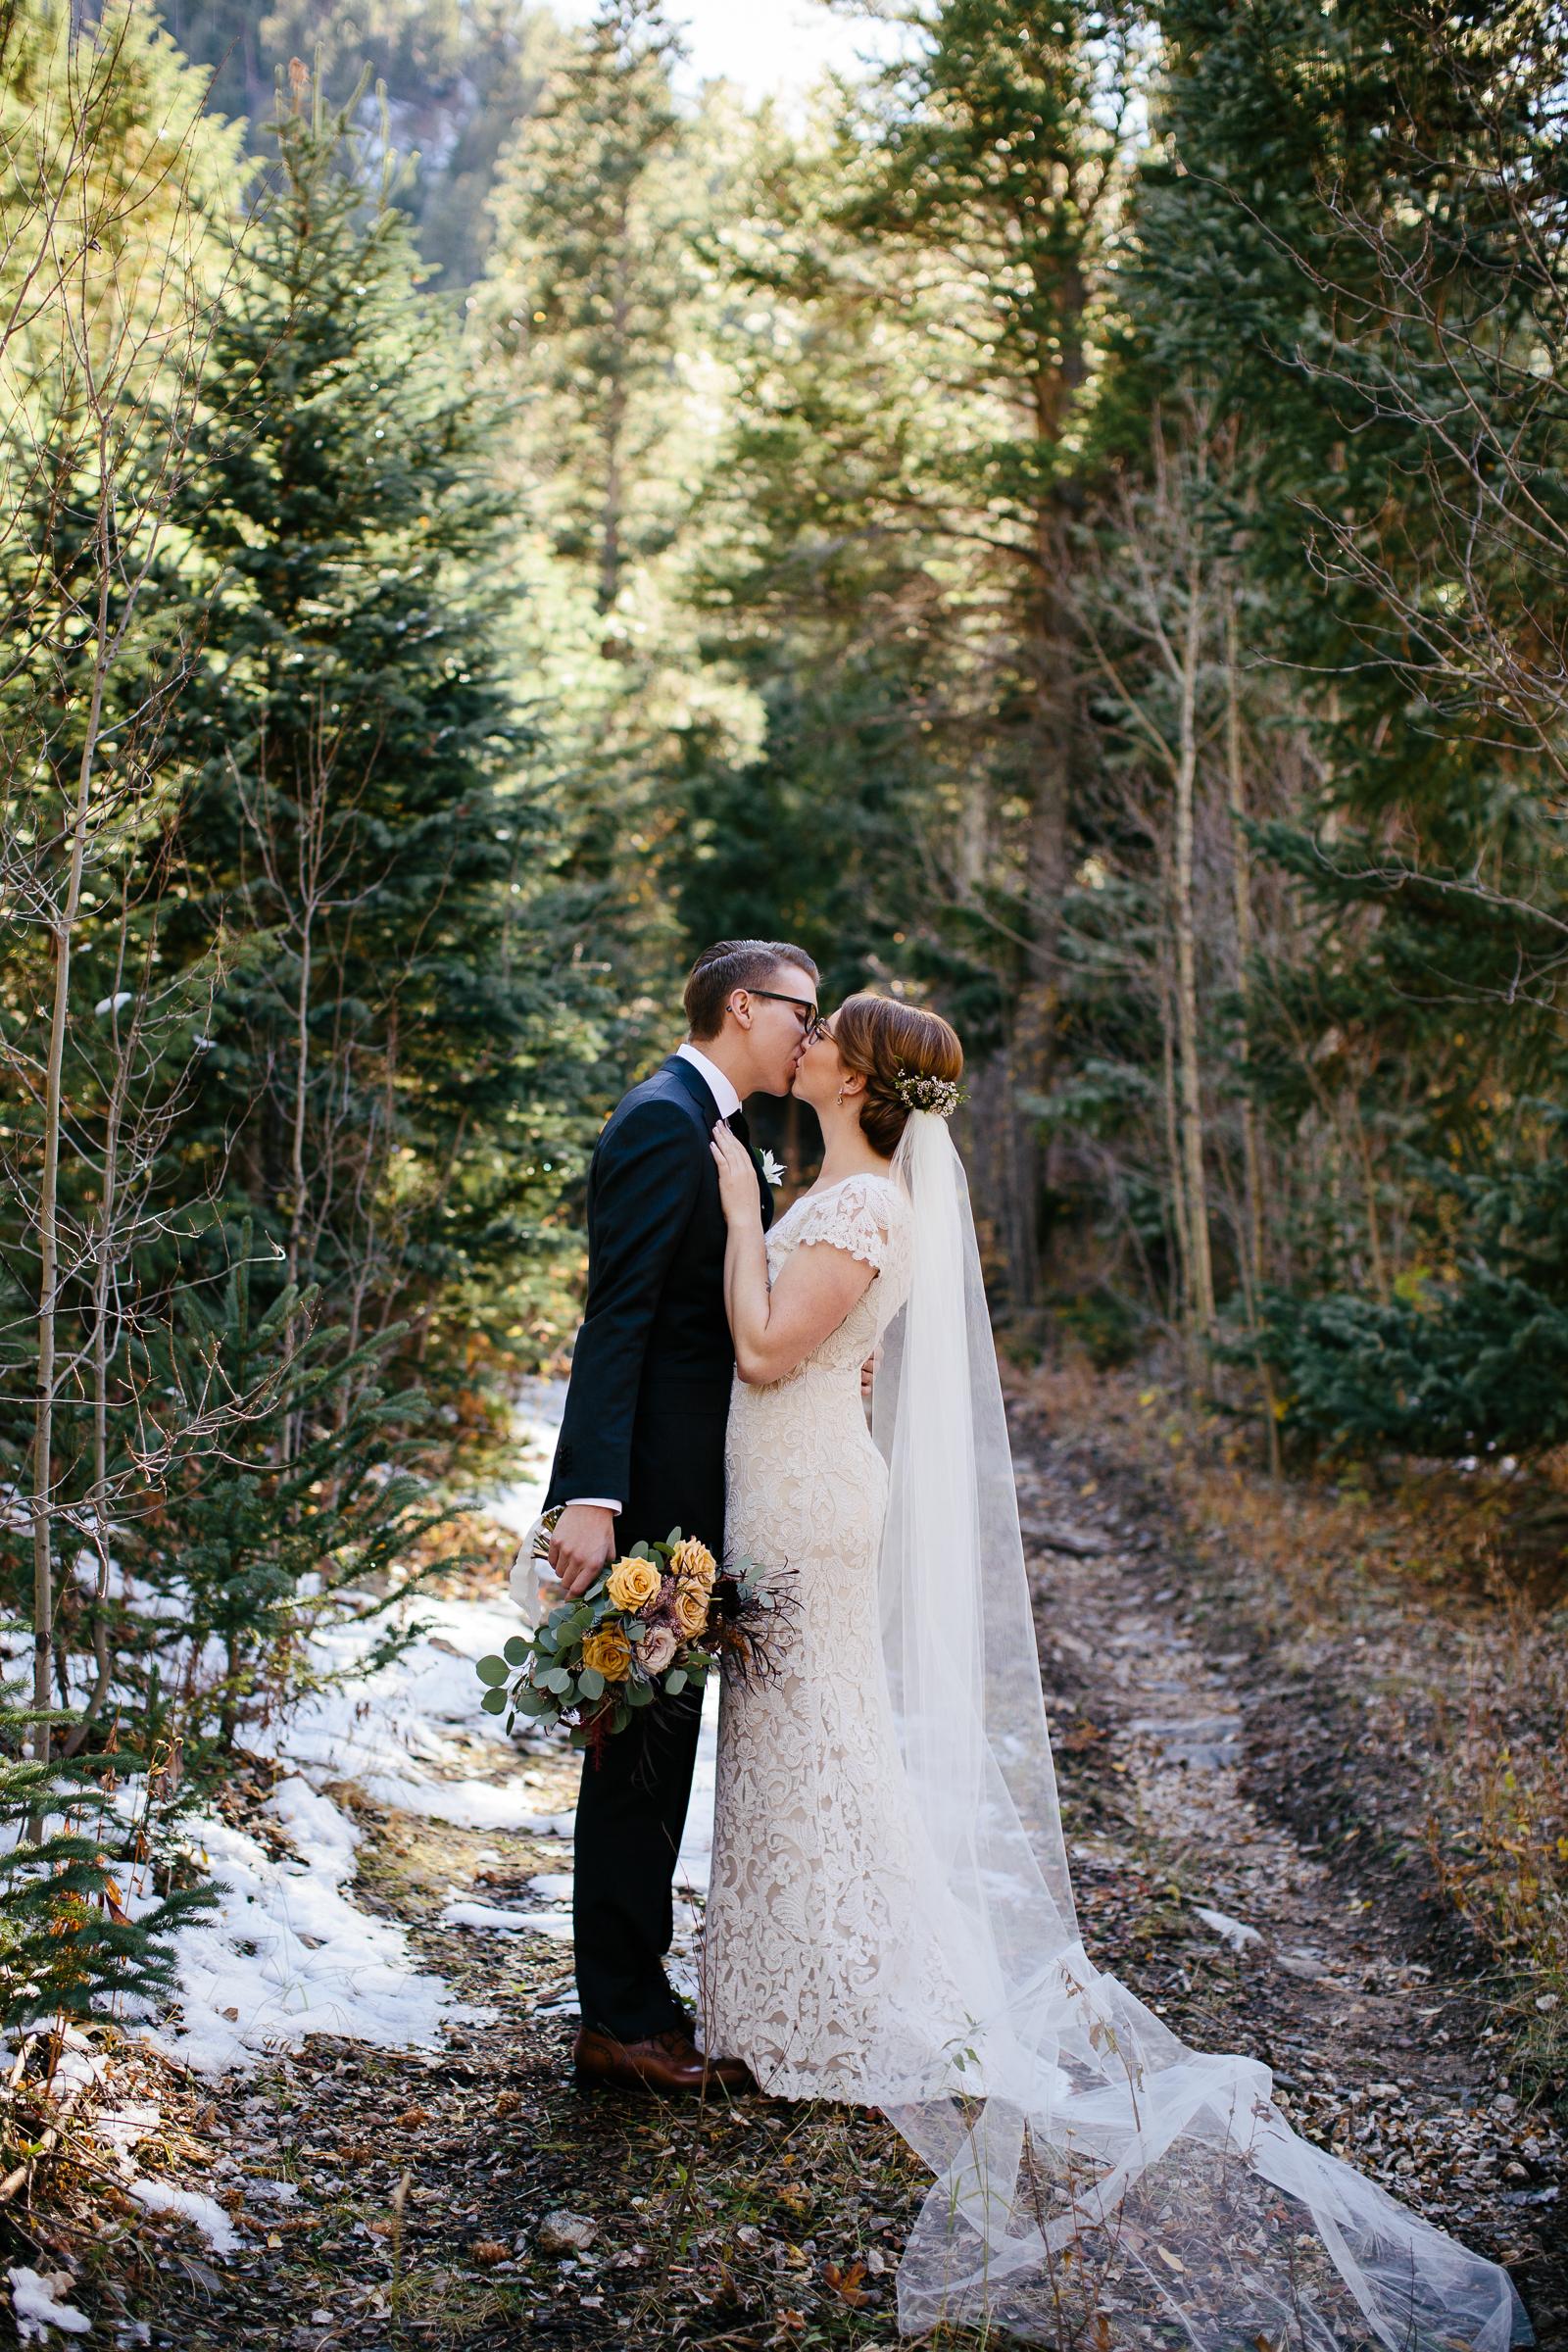 S+S, Married{MWP}-249.jpg